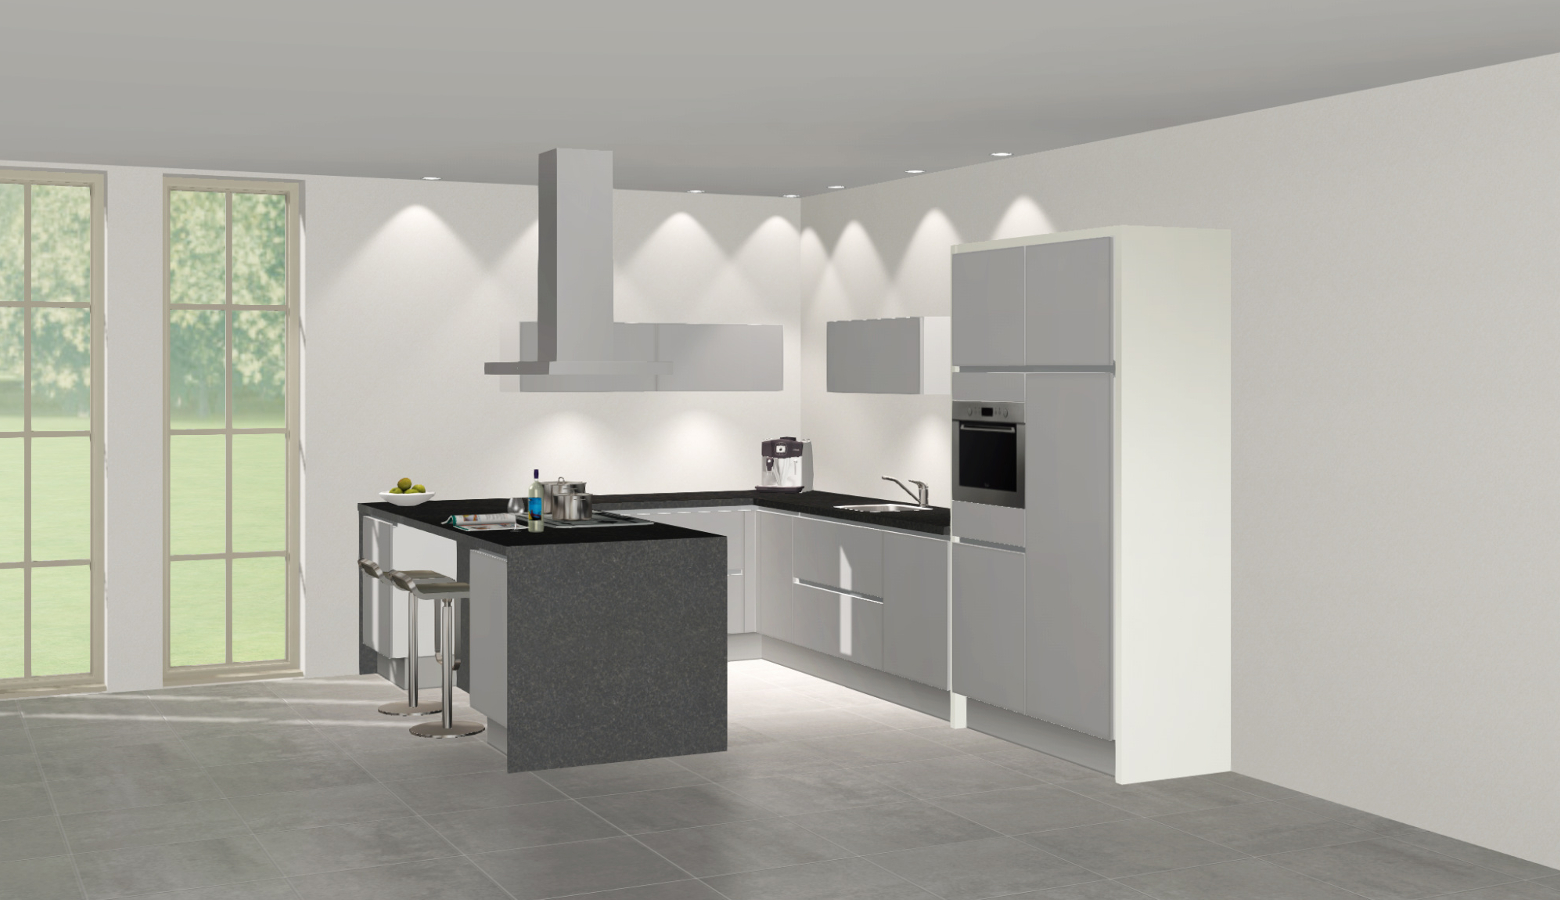 Zelf keukendeurtjes maken for Keuken zelf ontwerpen